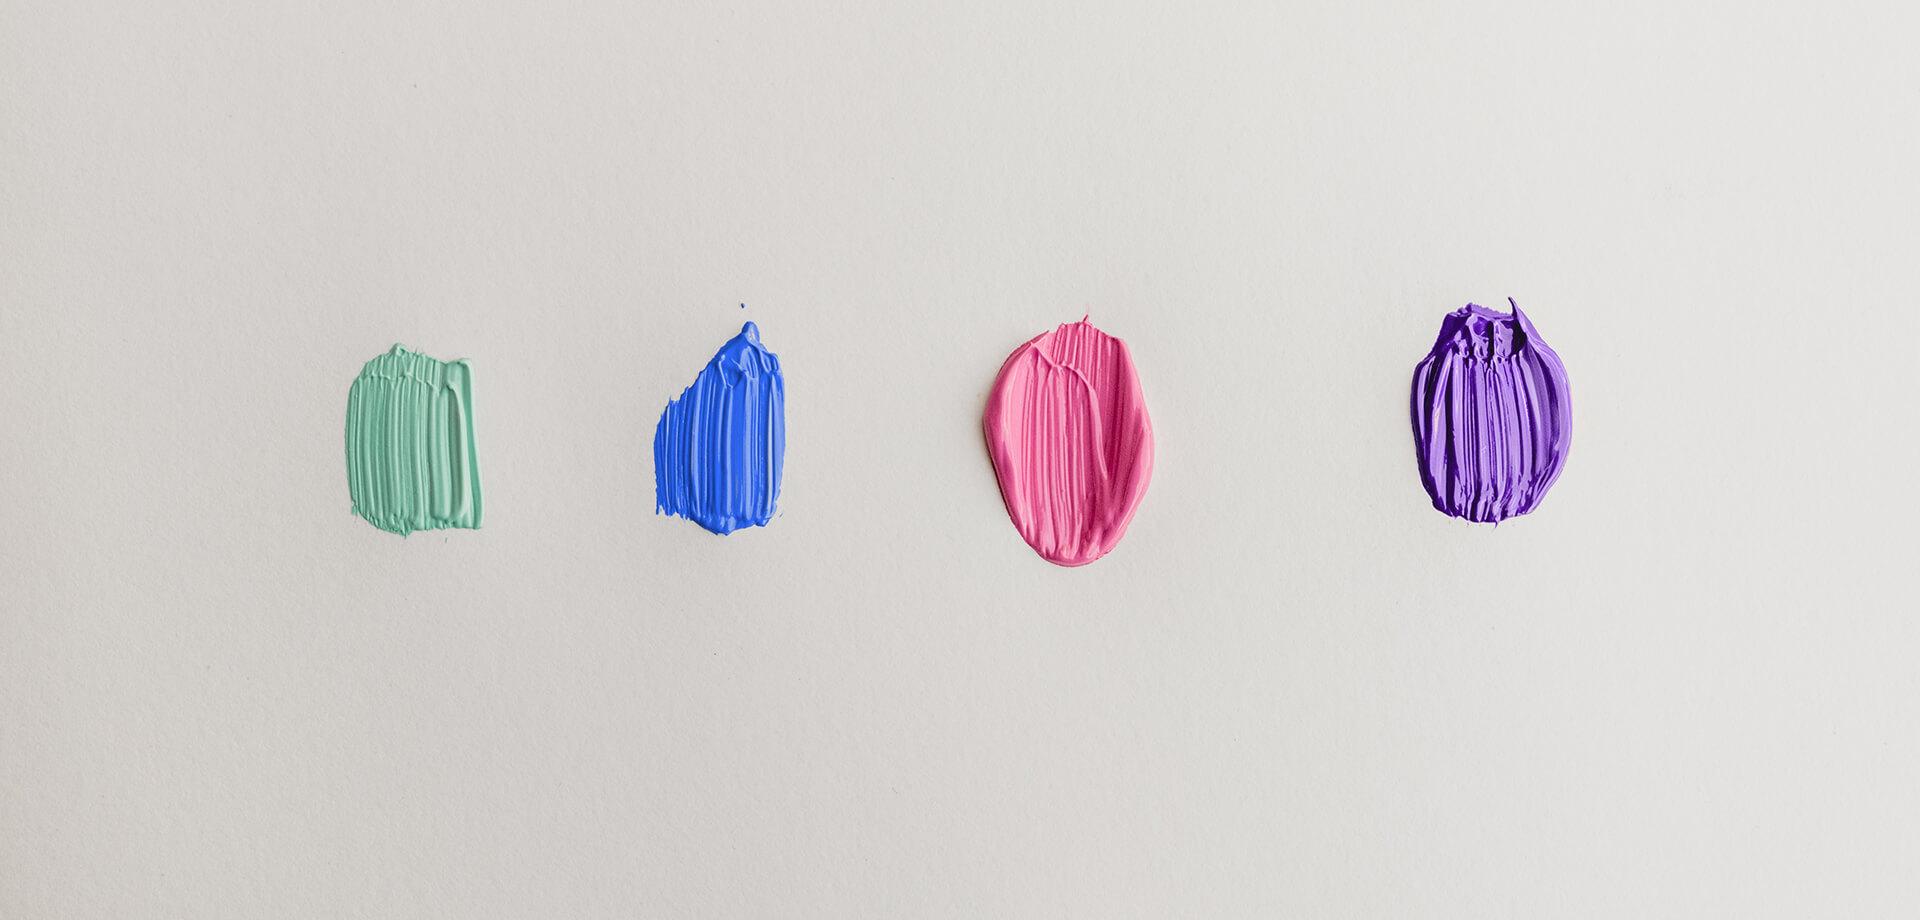 Vier Farbkleckse, davon einer in ACAD-WRITE-Blau